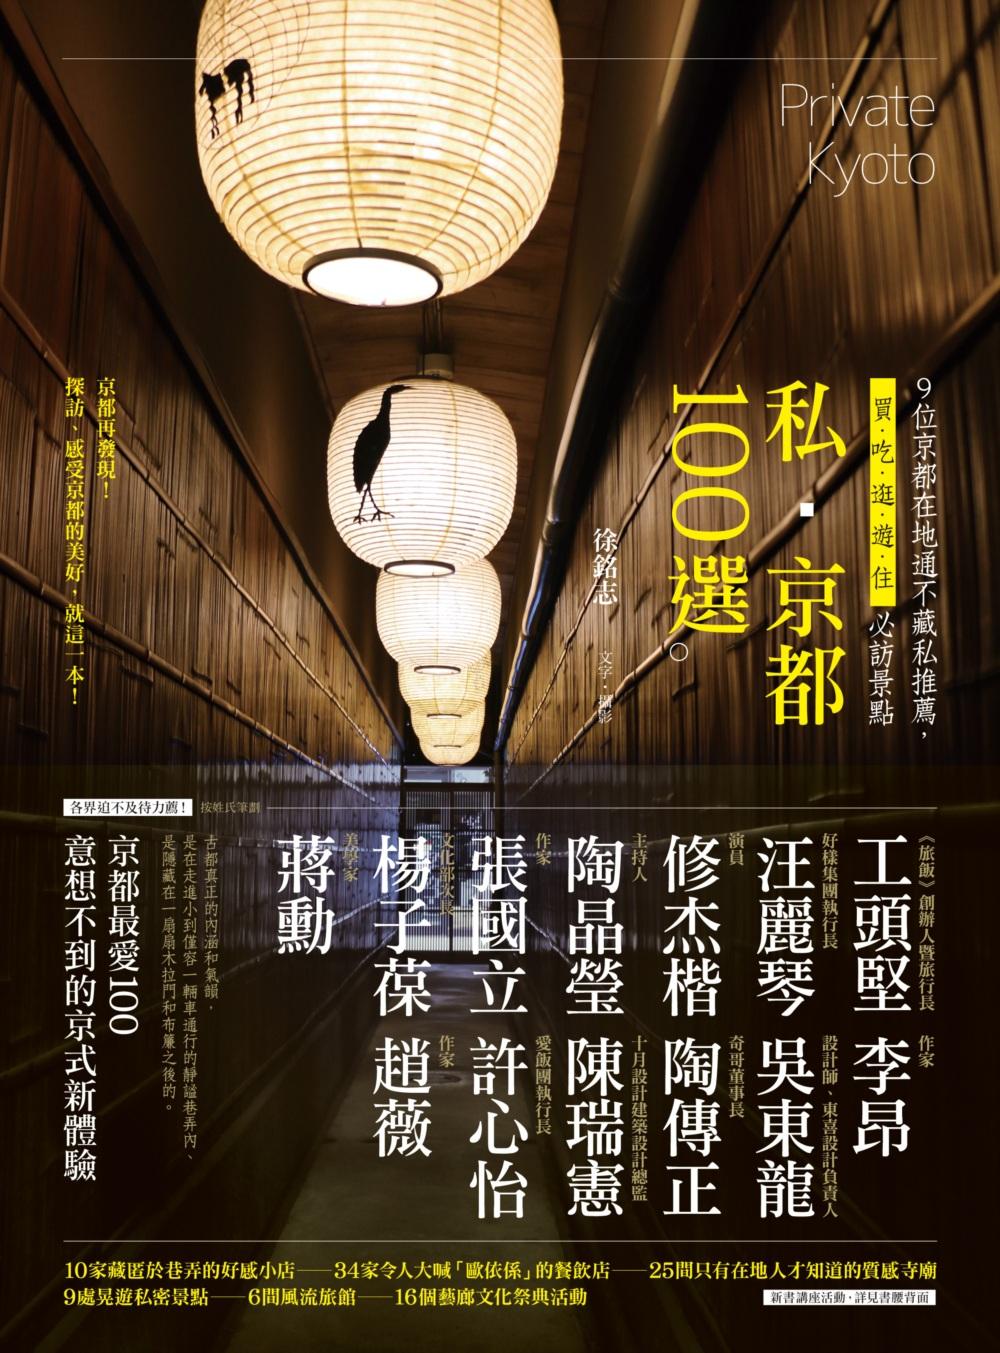 私‧京都100選:9位京都在地通不藏私推薦,買、吃、逛、遊、住必訪景點